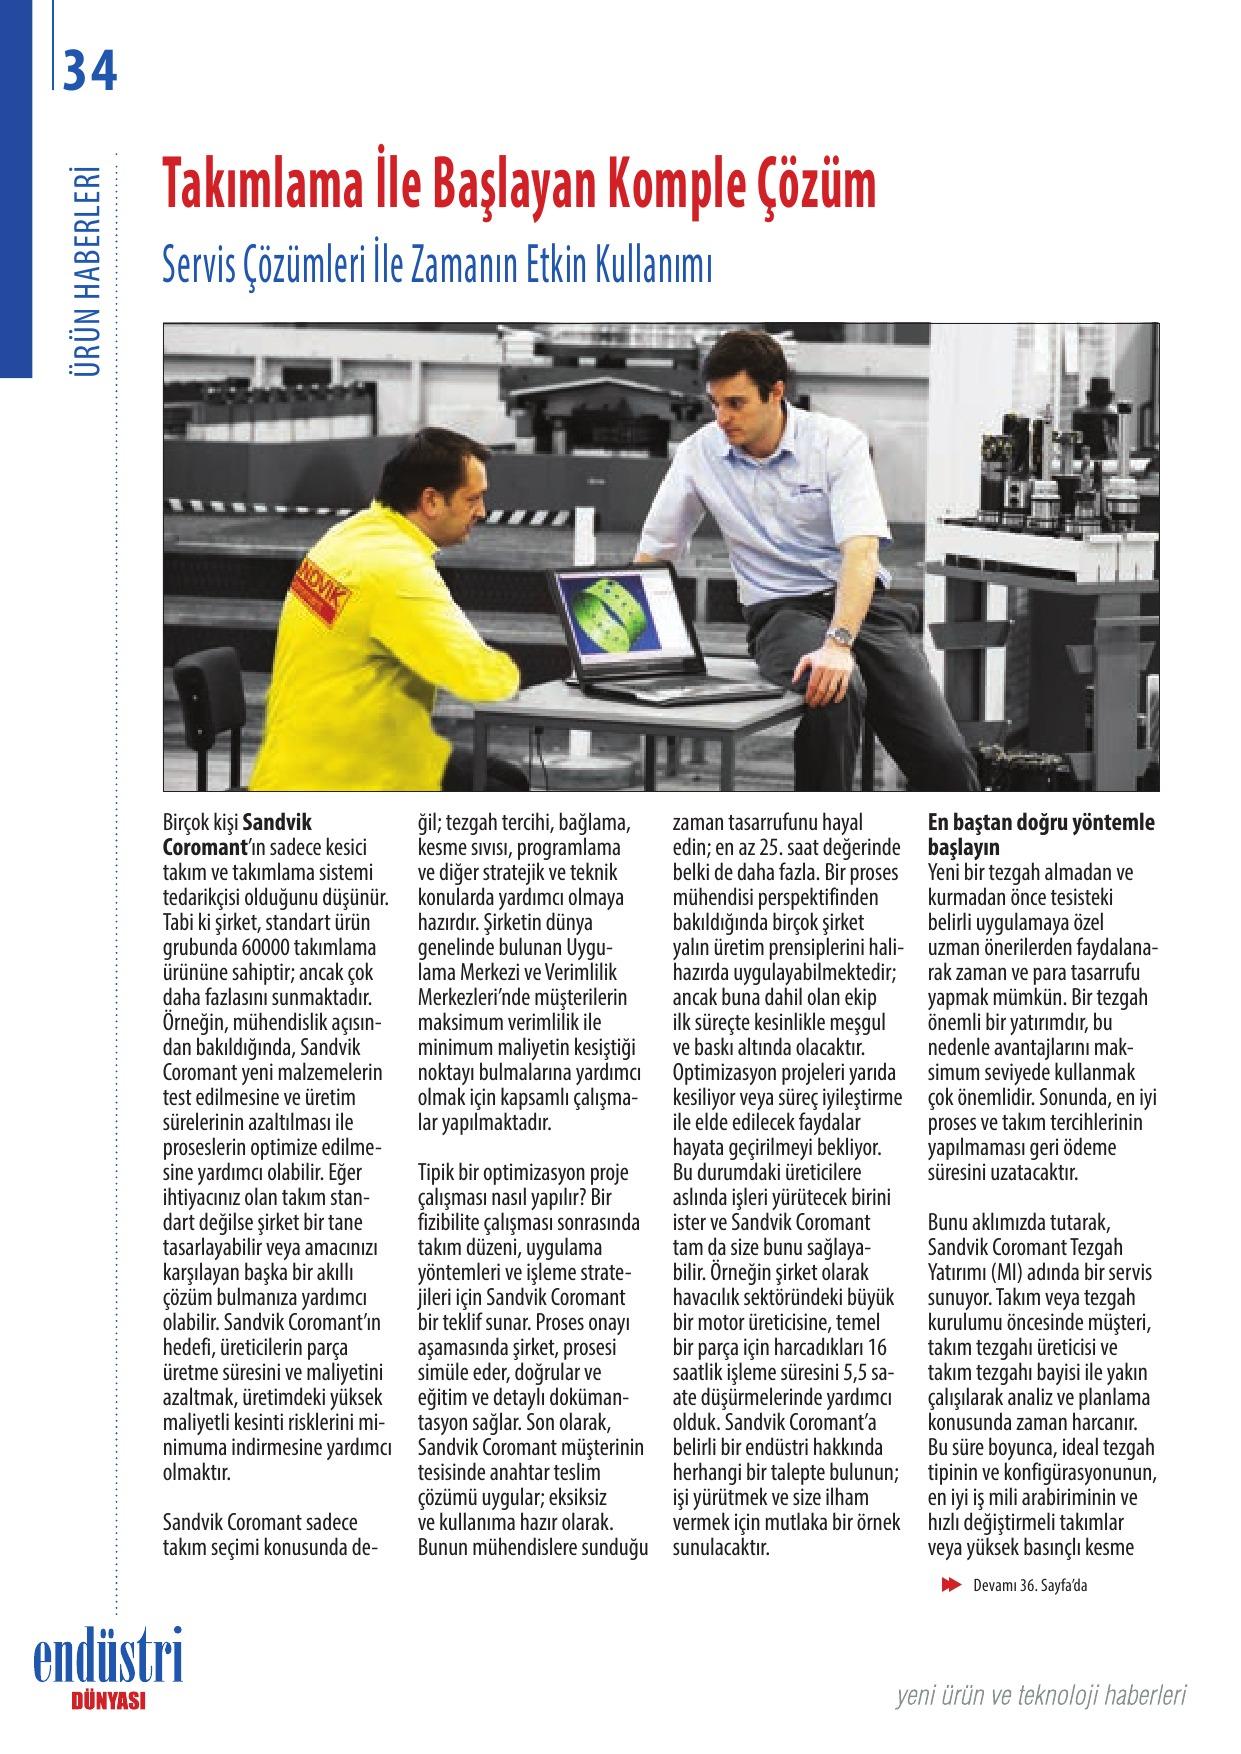 Otomatik işyeri - iş sürecini optimize etmek için modern bir yöntem